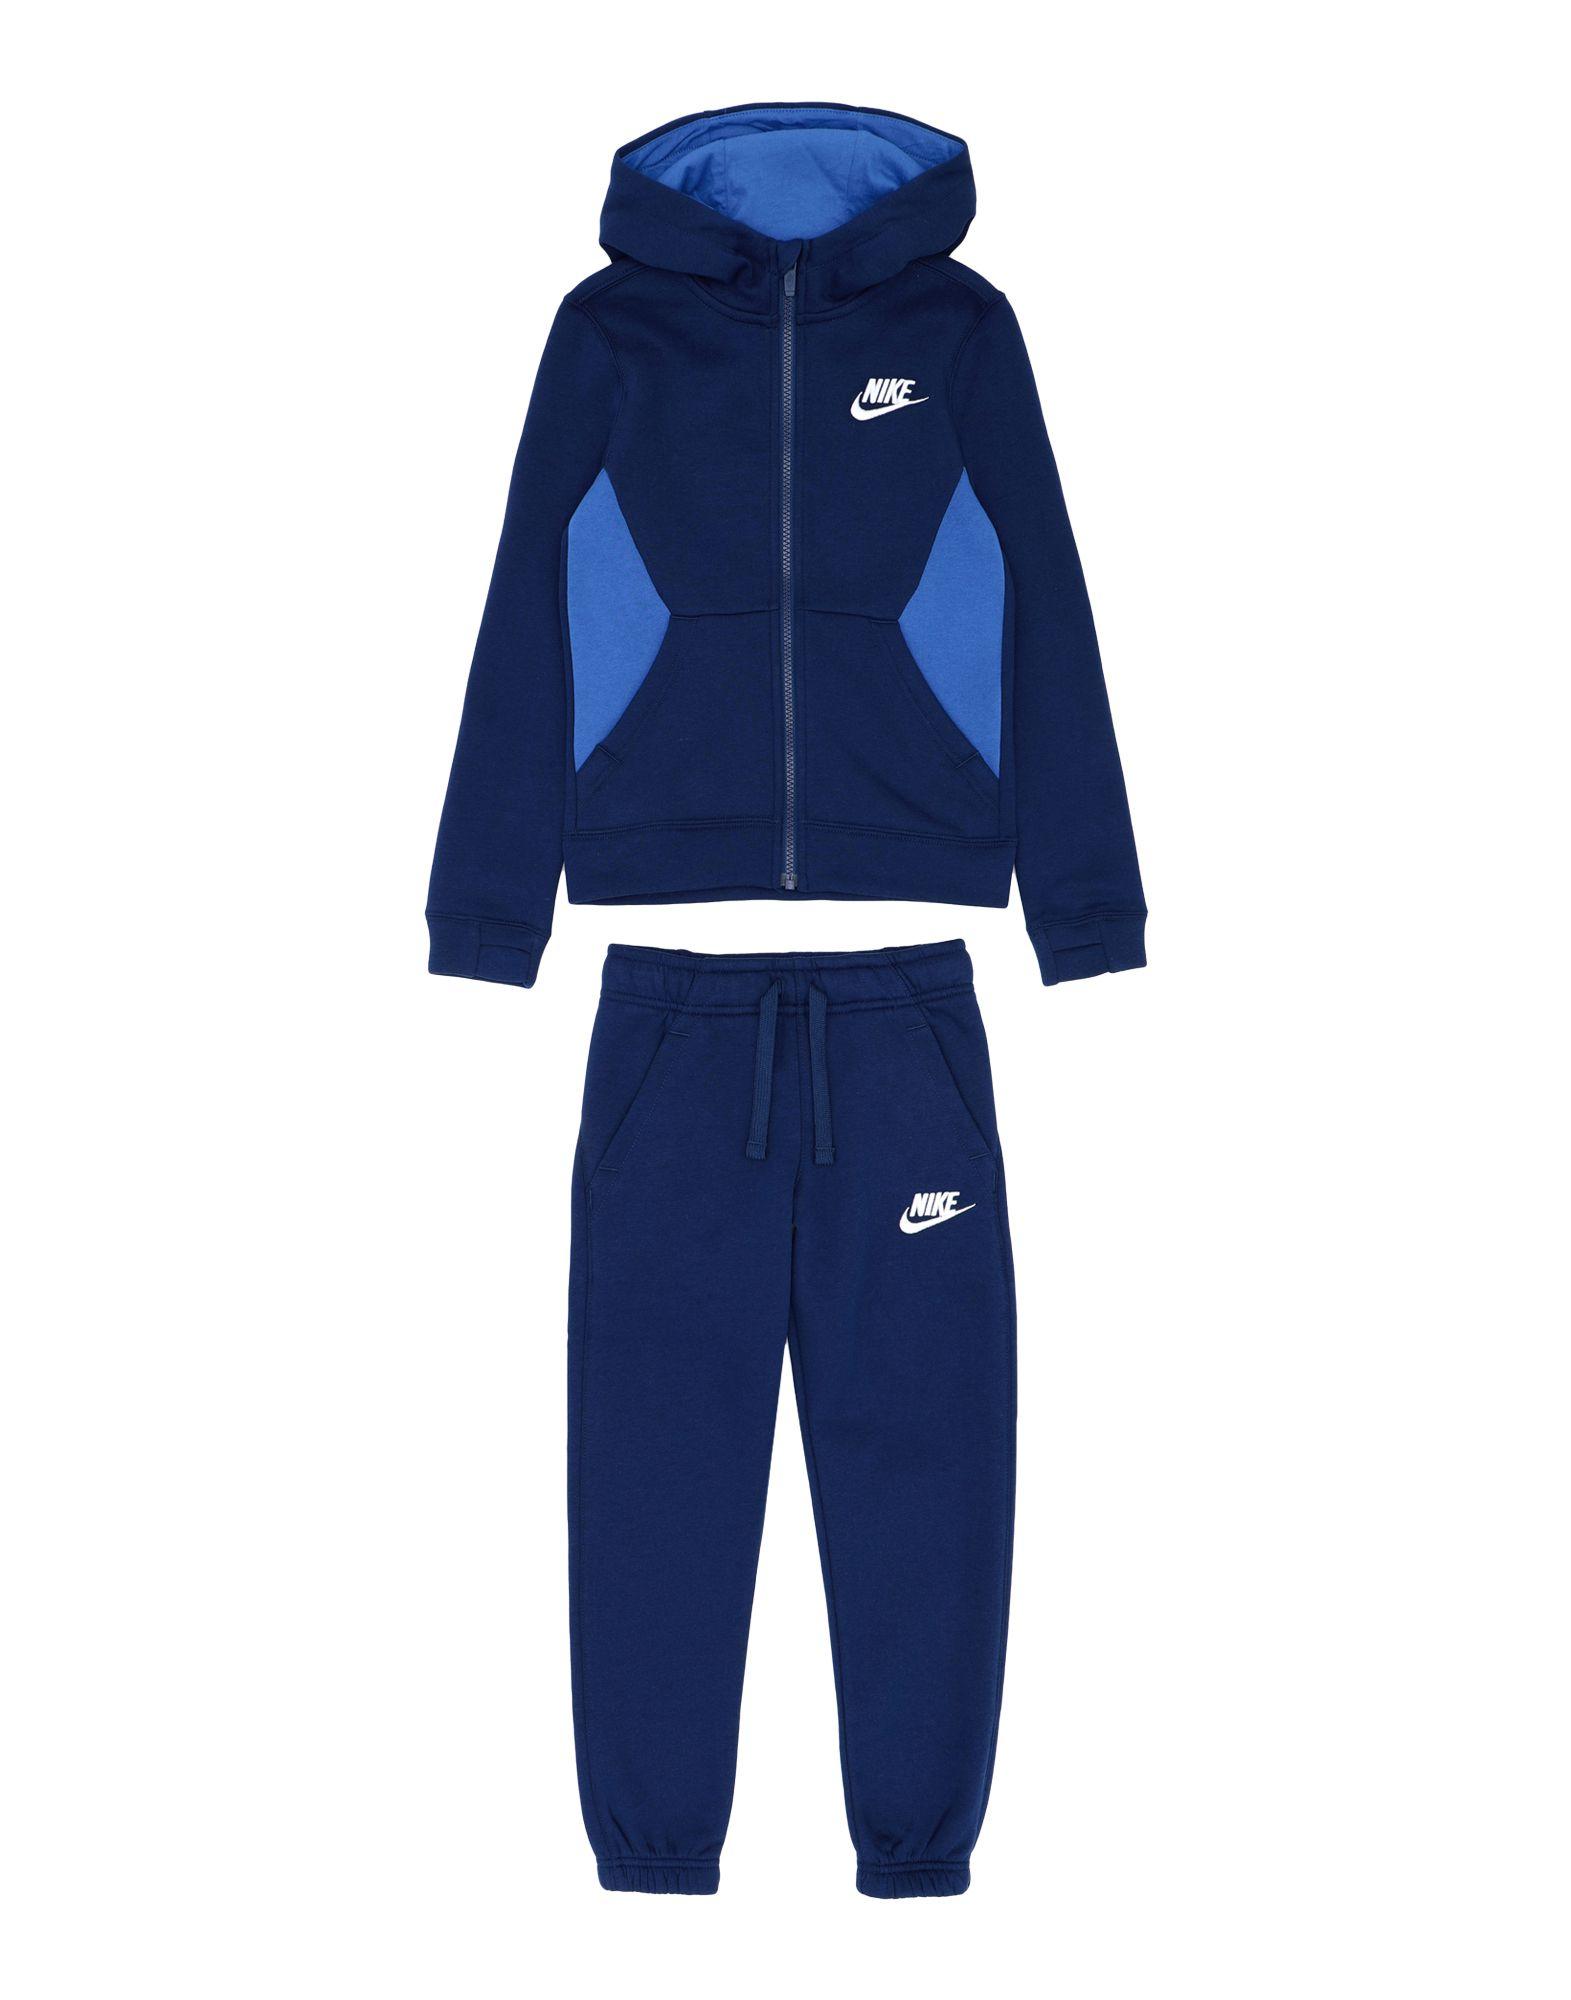 77f1b0abc2771 Tute Sportive 3-8 anni bambino - abbigliamento Bambino su YOOX